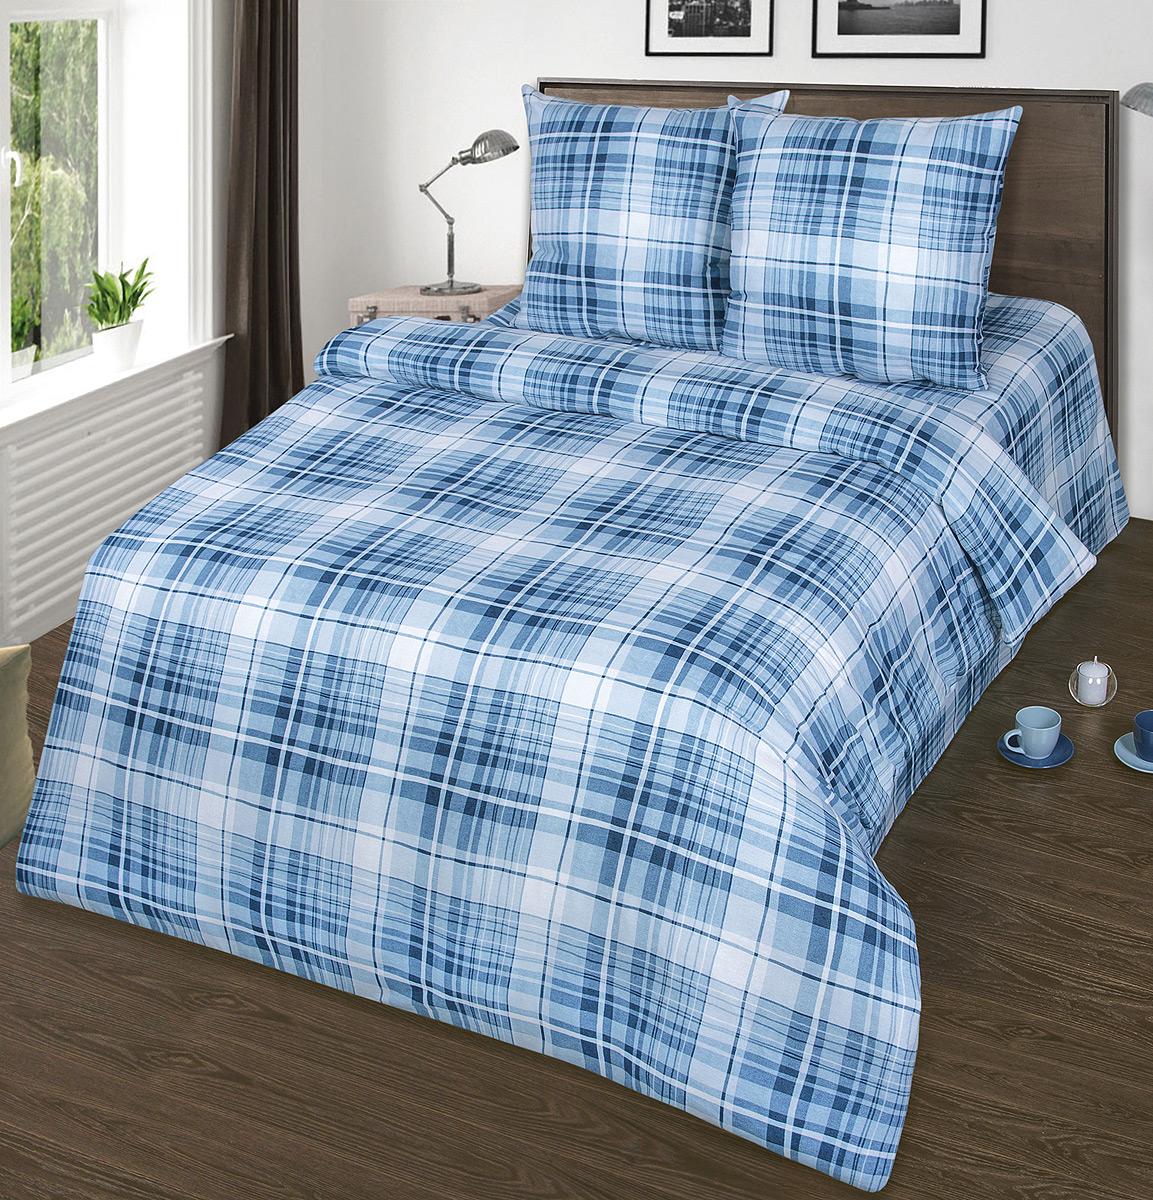 Комплект белья Шоколад Сеньор, 2-спальный, наволочки 70x70. Б1041501000310Комплект постельного белья Шоколад Сеньор является экологически безопасным для всей семьи, так как выполнен из натурального хлопка. Комплект состоит из пододеяльника, простыни и двух наволочек. Постельное белье оформлено оригинальным рисунком и имеет изысканный внешний вид.Бязь - это ткань полотняного переплетения, изготовленная из экологически чистого и натурального 100% хлопка. Она прочная, мягкая, обладает низкой сминаемостью, легко стирается и хорошо гладится. Бязь прекрасно пропускает воздух и за ней легко ухаживать. При соблюдении рекомендуемых условий стирки, сушки и глажения ткань имеет усадку по ГОСТу, сохранятся яркость текстильных рисунков. Приобретая комплект постельного белья Шоколад Сеньор, вы можете быть уверены в том, что покупка доставит вам и вашим близким удовольствие иподарит максимальный комфорт.